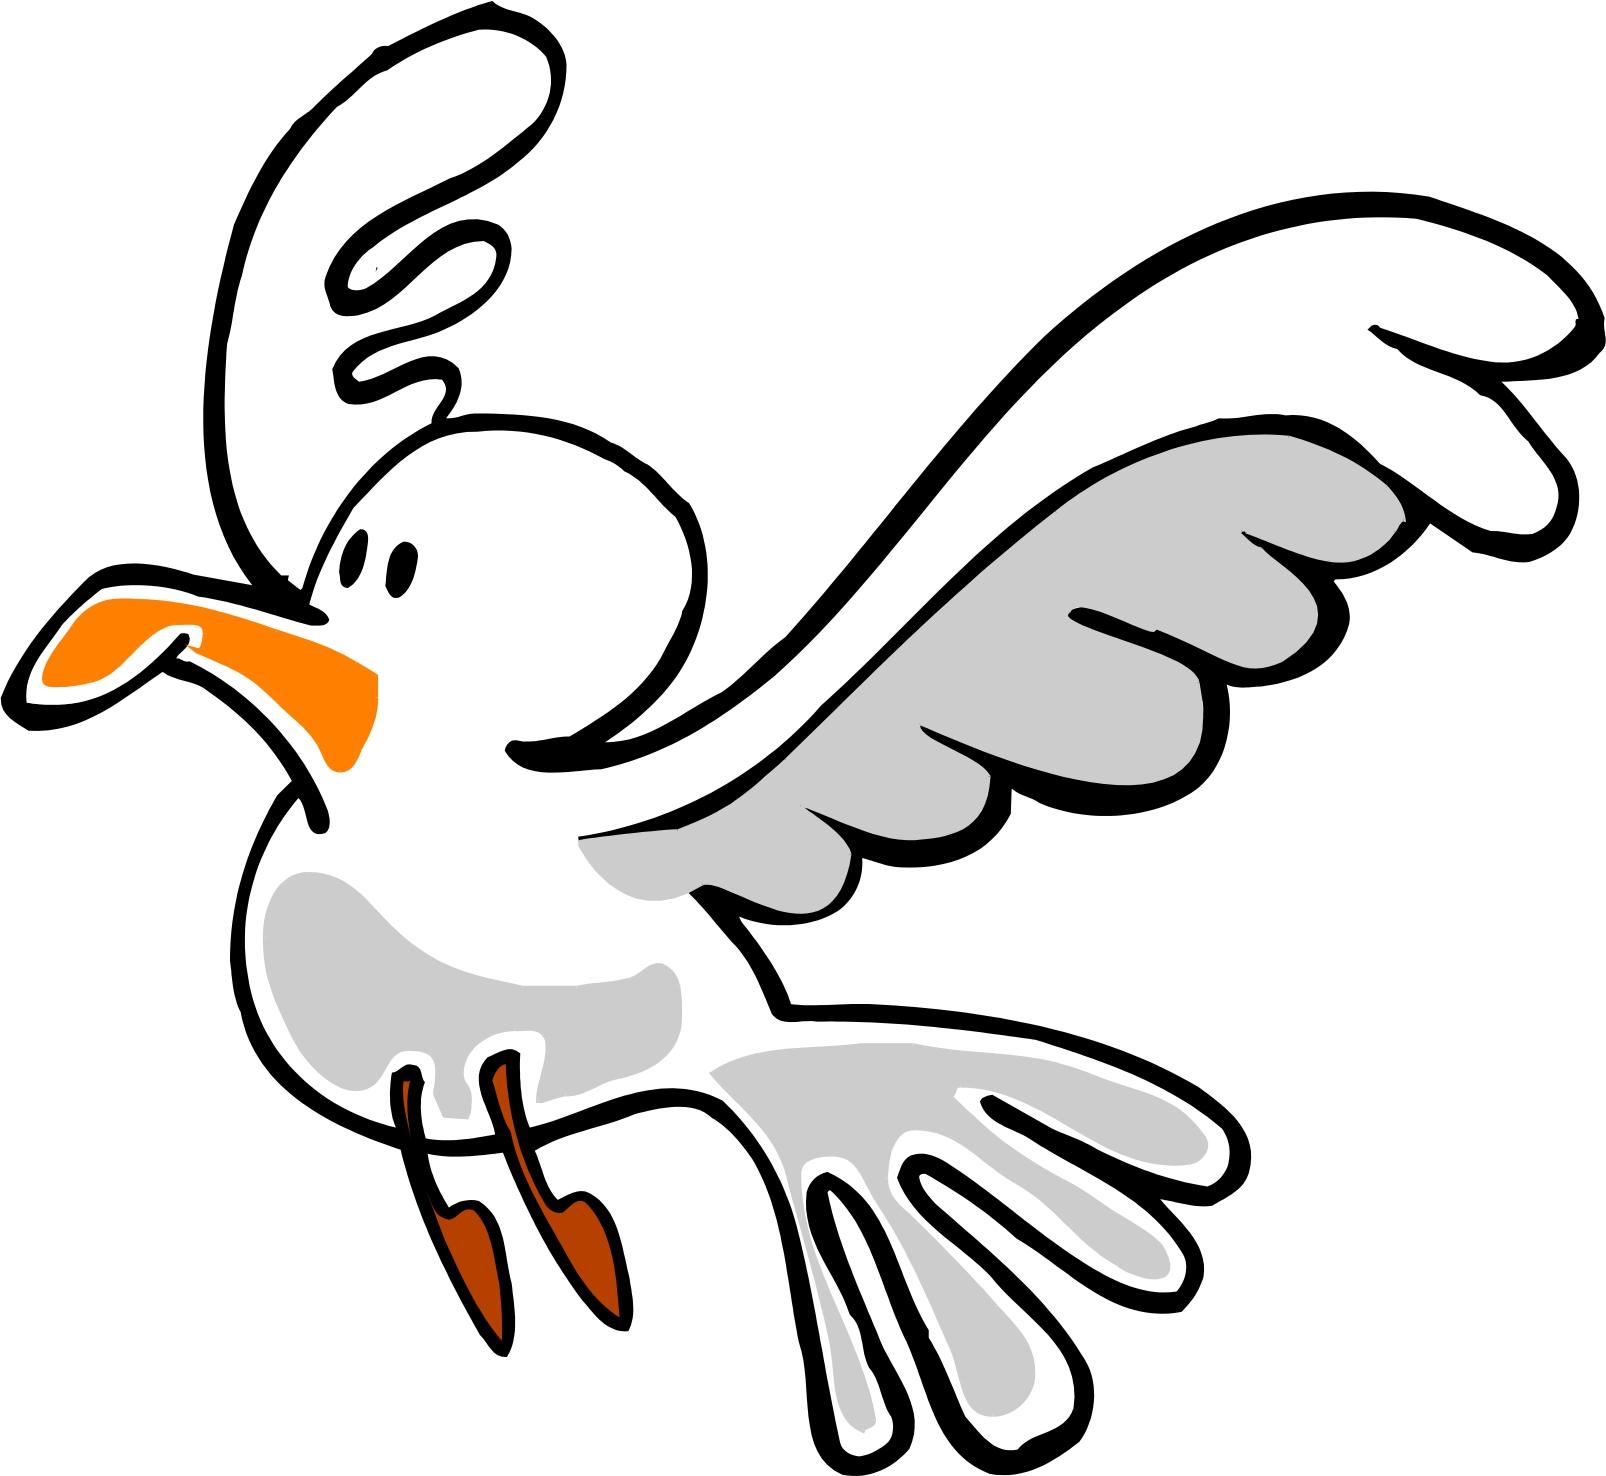 seagull clipart clipart panda free clipart images seagull clipart question mark seagull clipart jpg